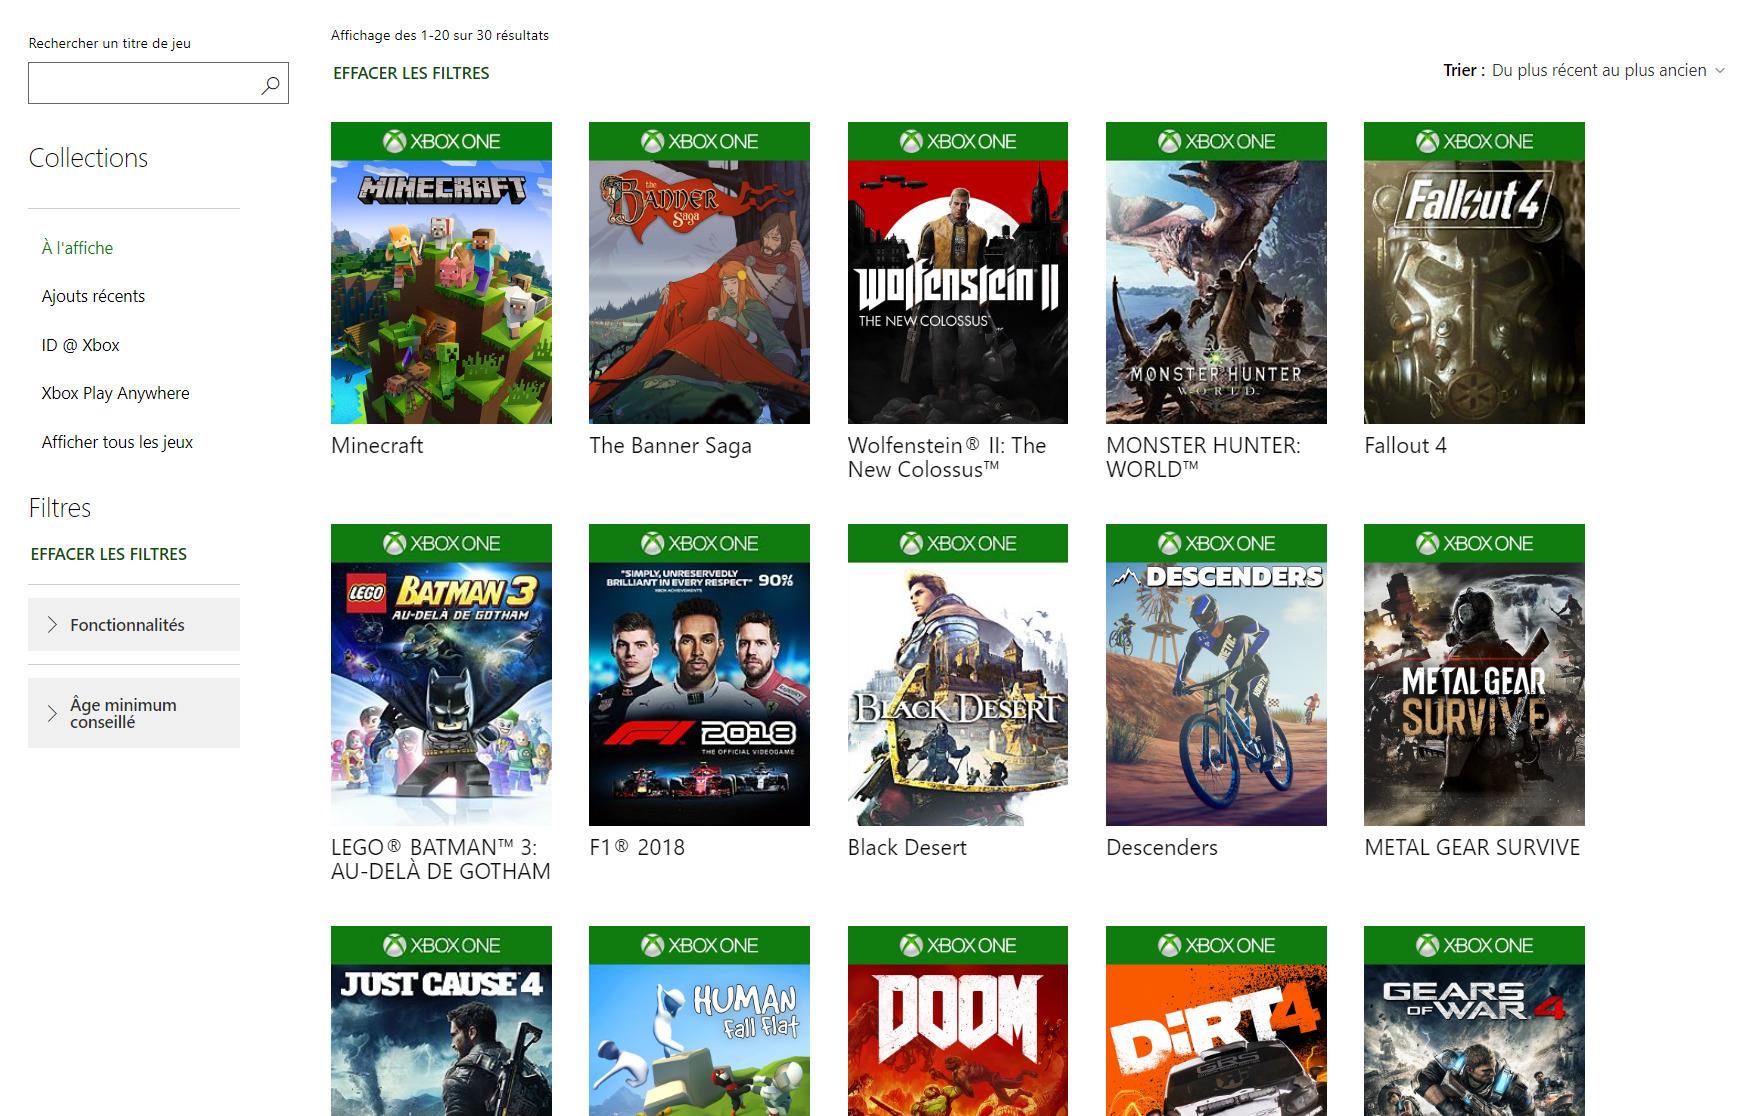 Extrait du catalogue Xbox Game Pass